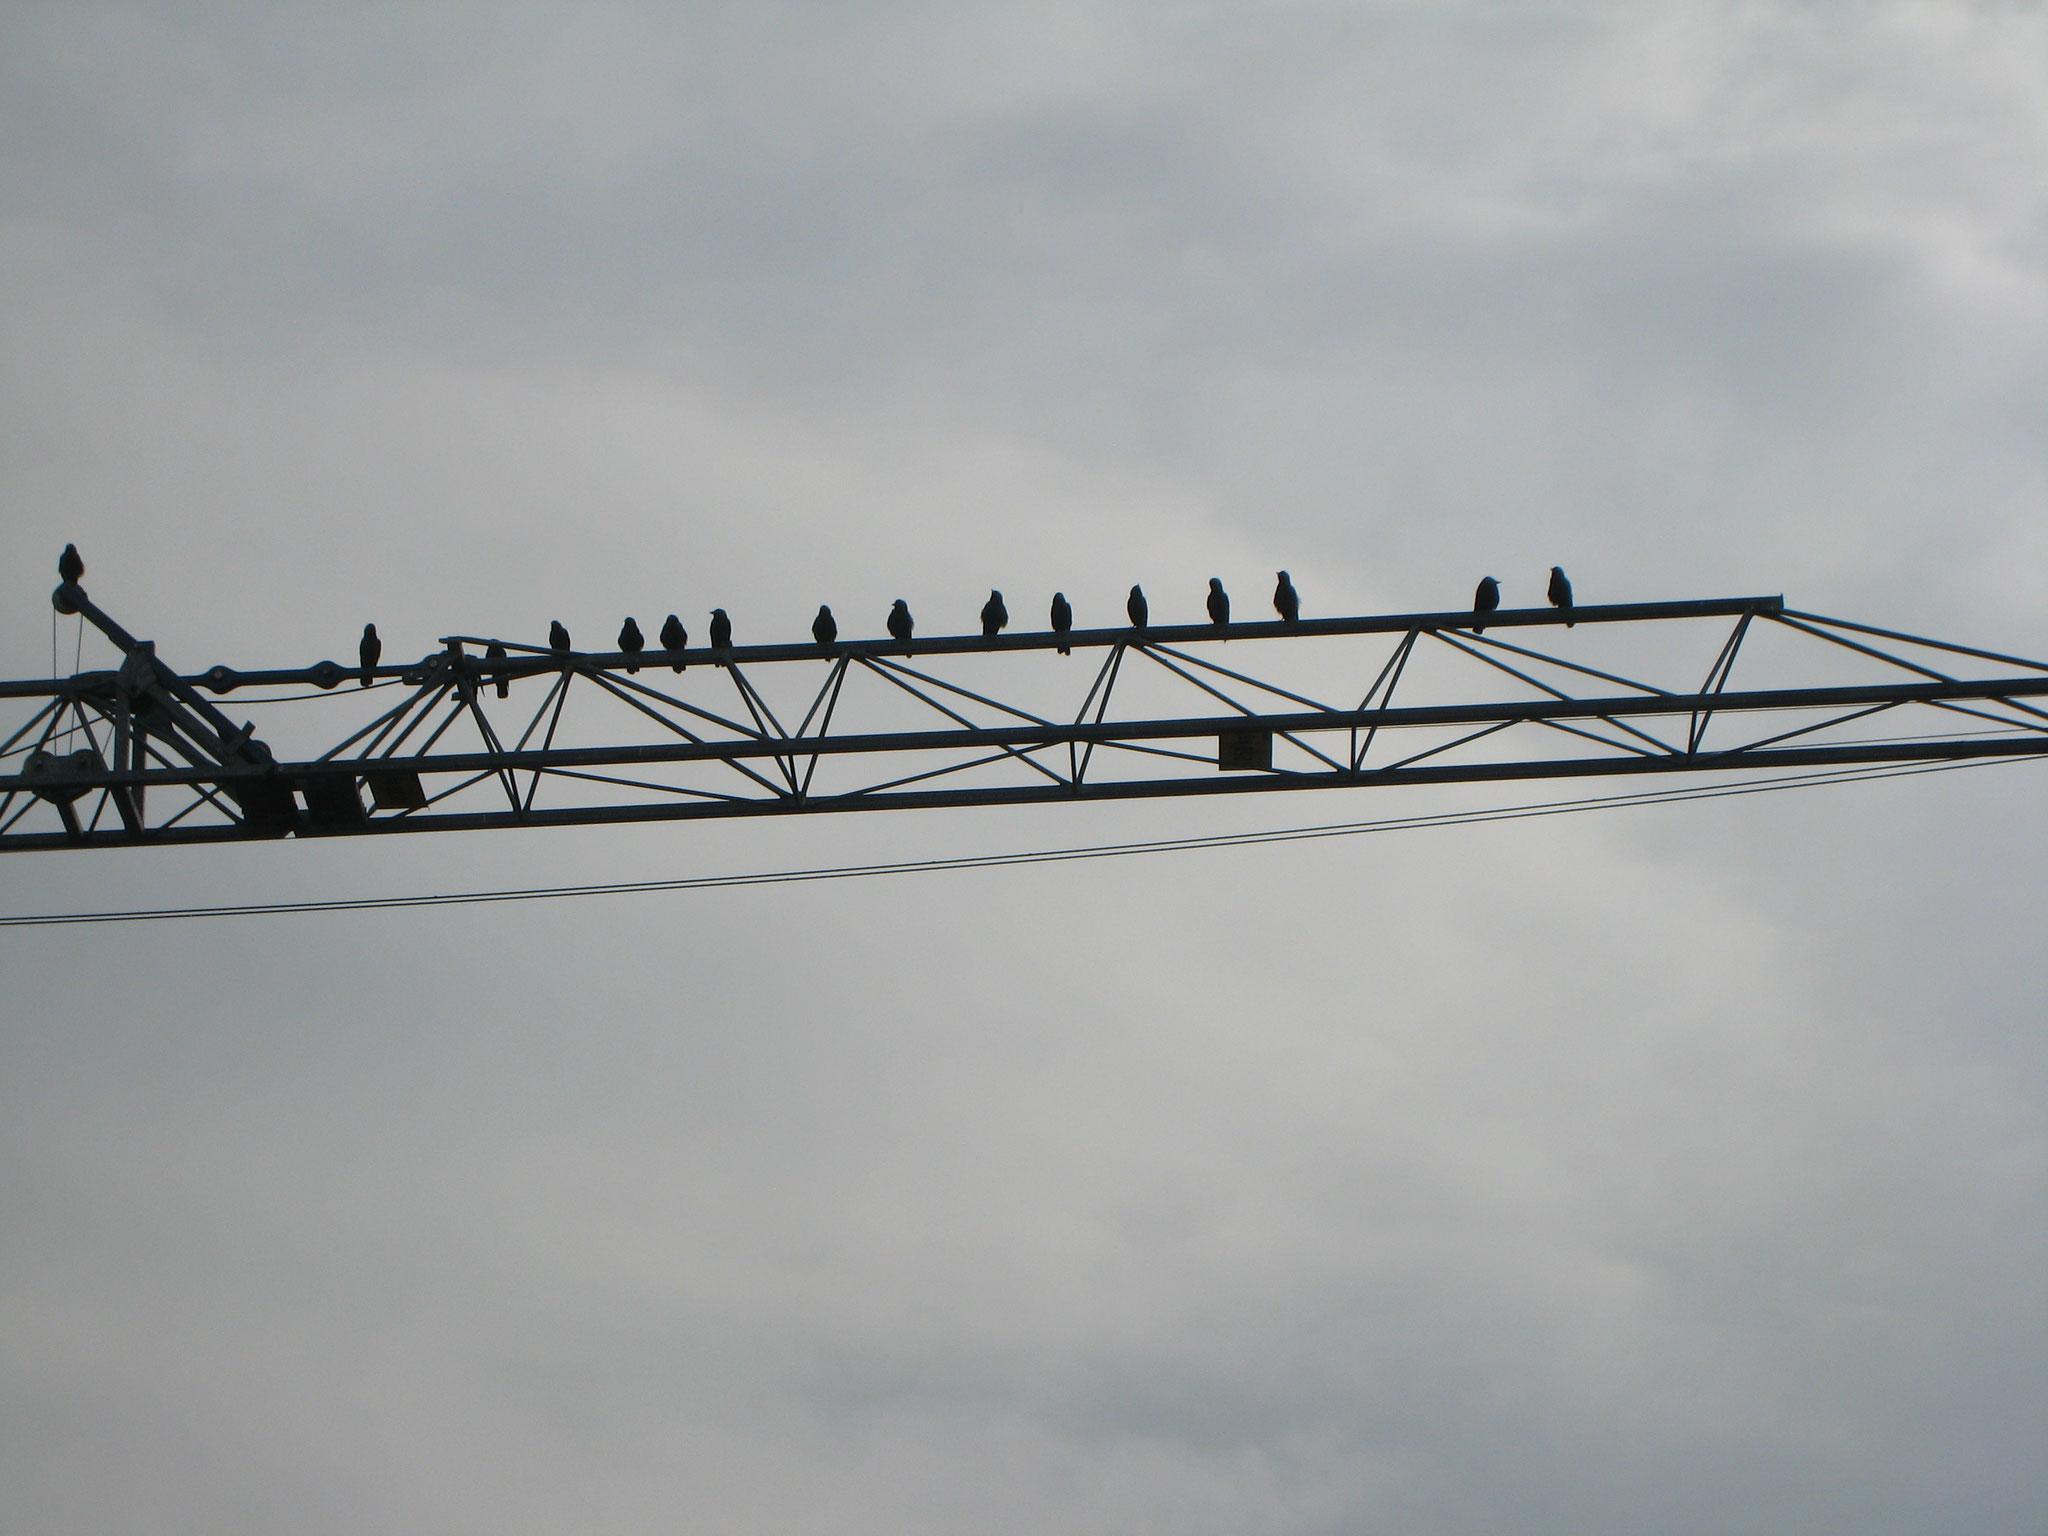 Die Melodie der Vögel?